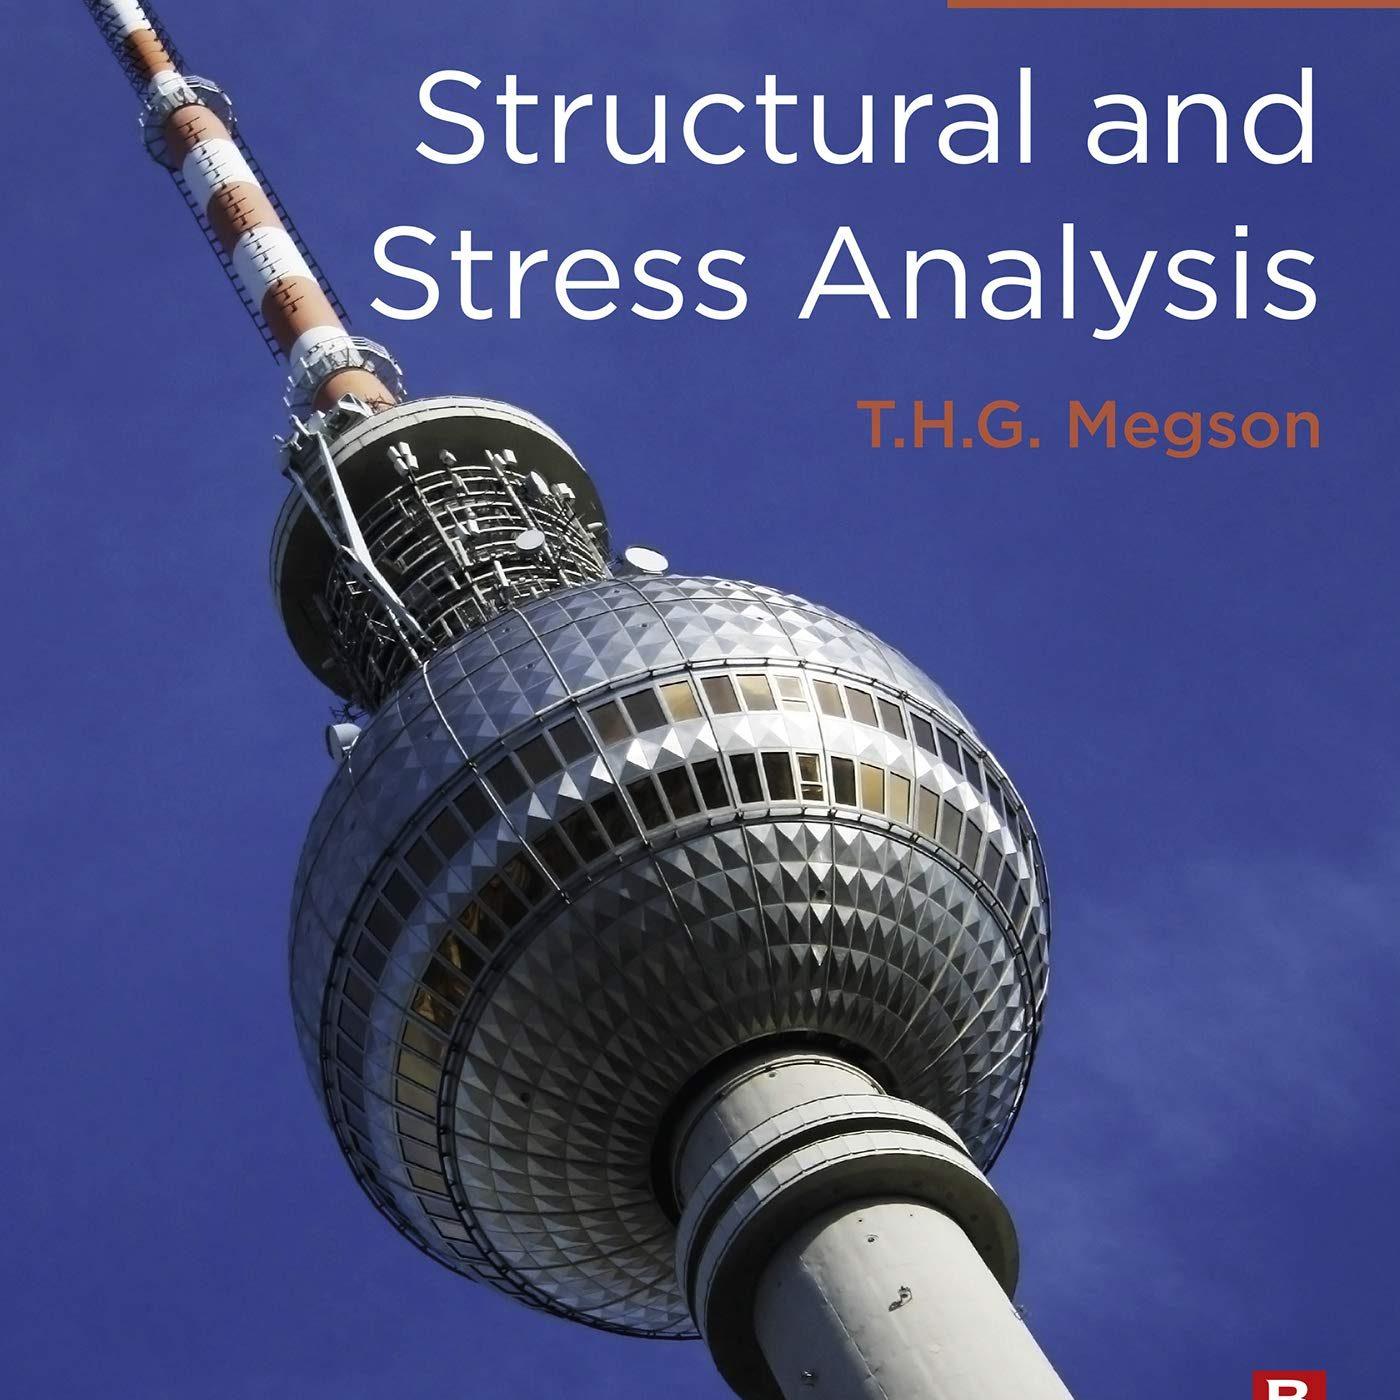 دانلود کتاب تجزیه و تحلیل ساختاری و استرس ویرایش 4